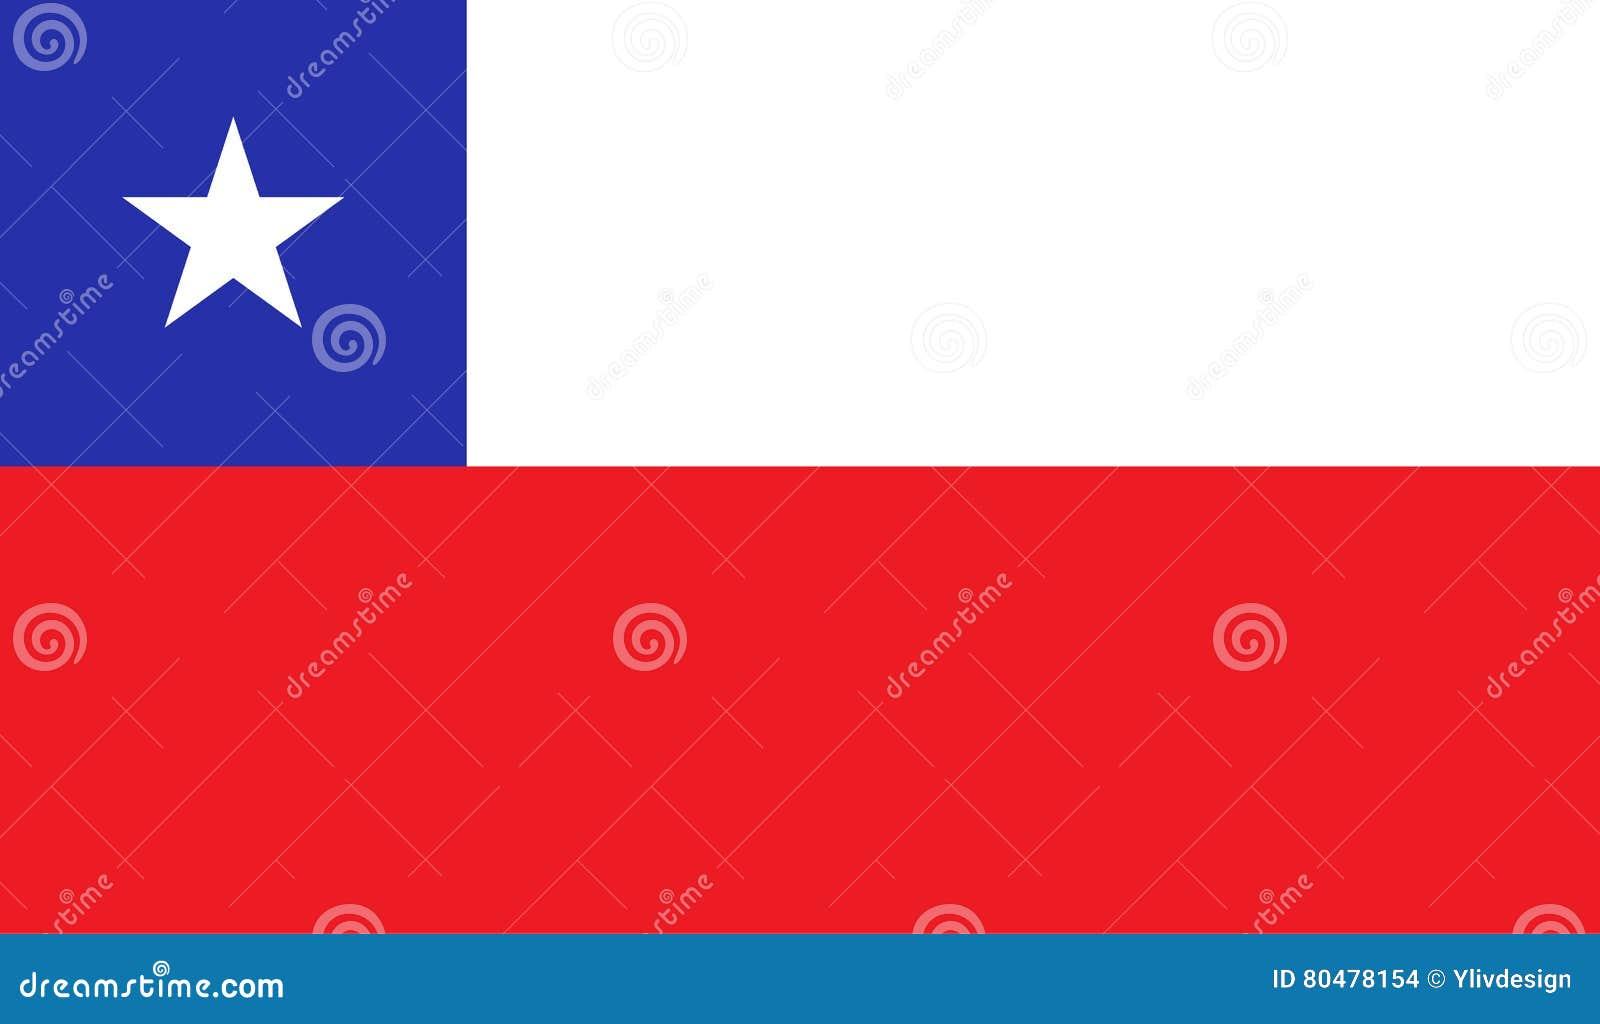 Imagen de la bandera de Chile